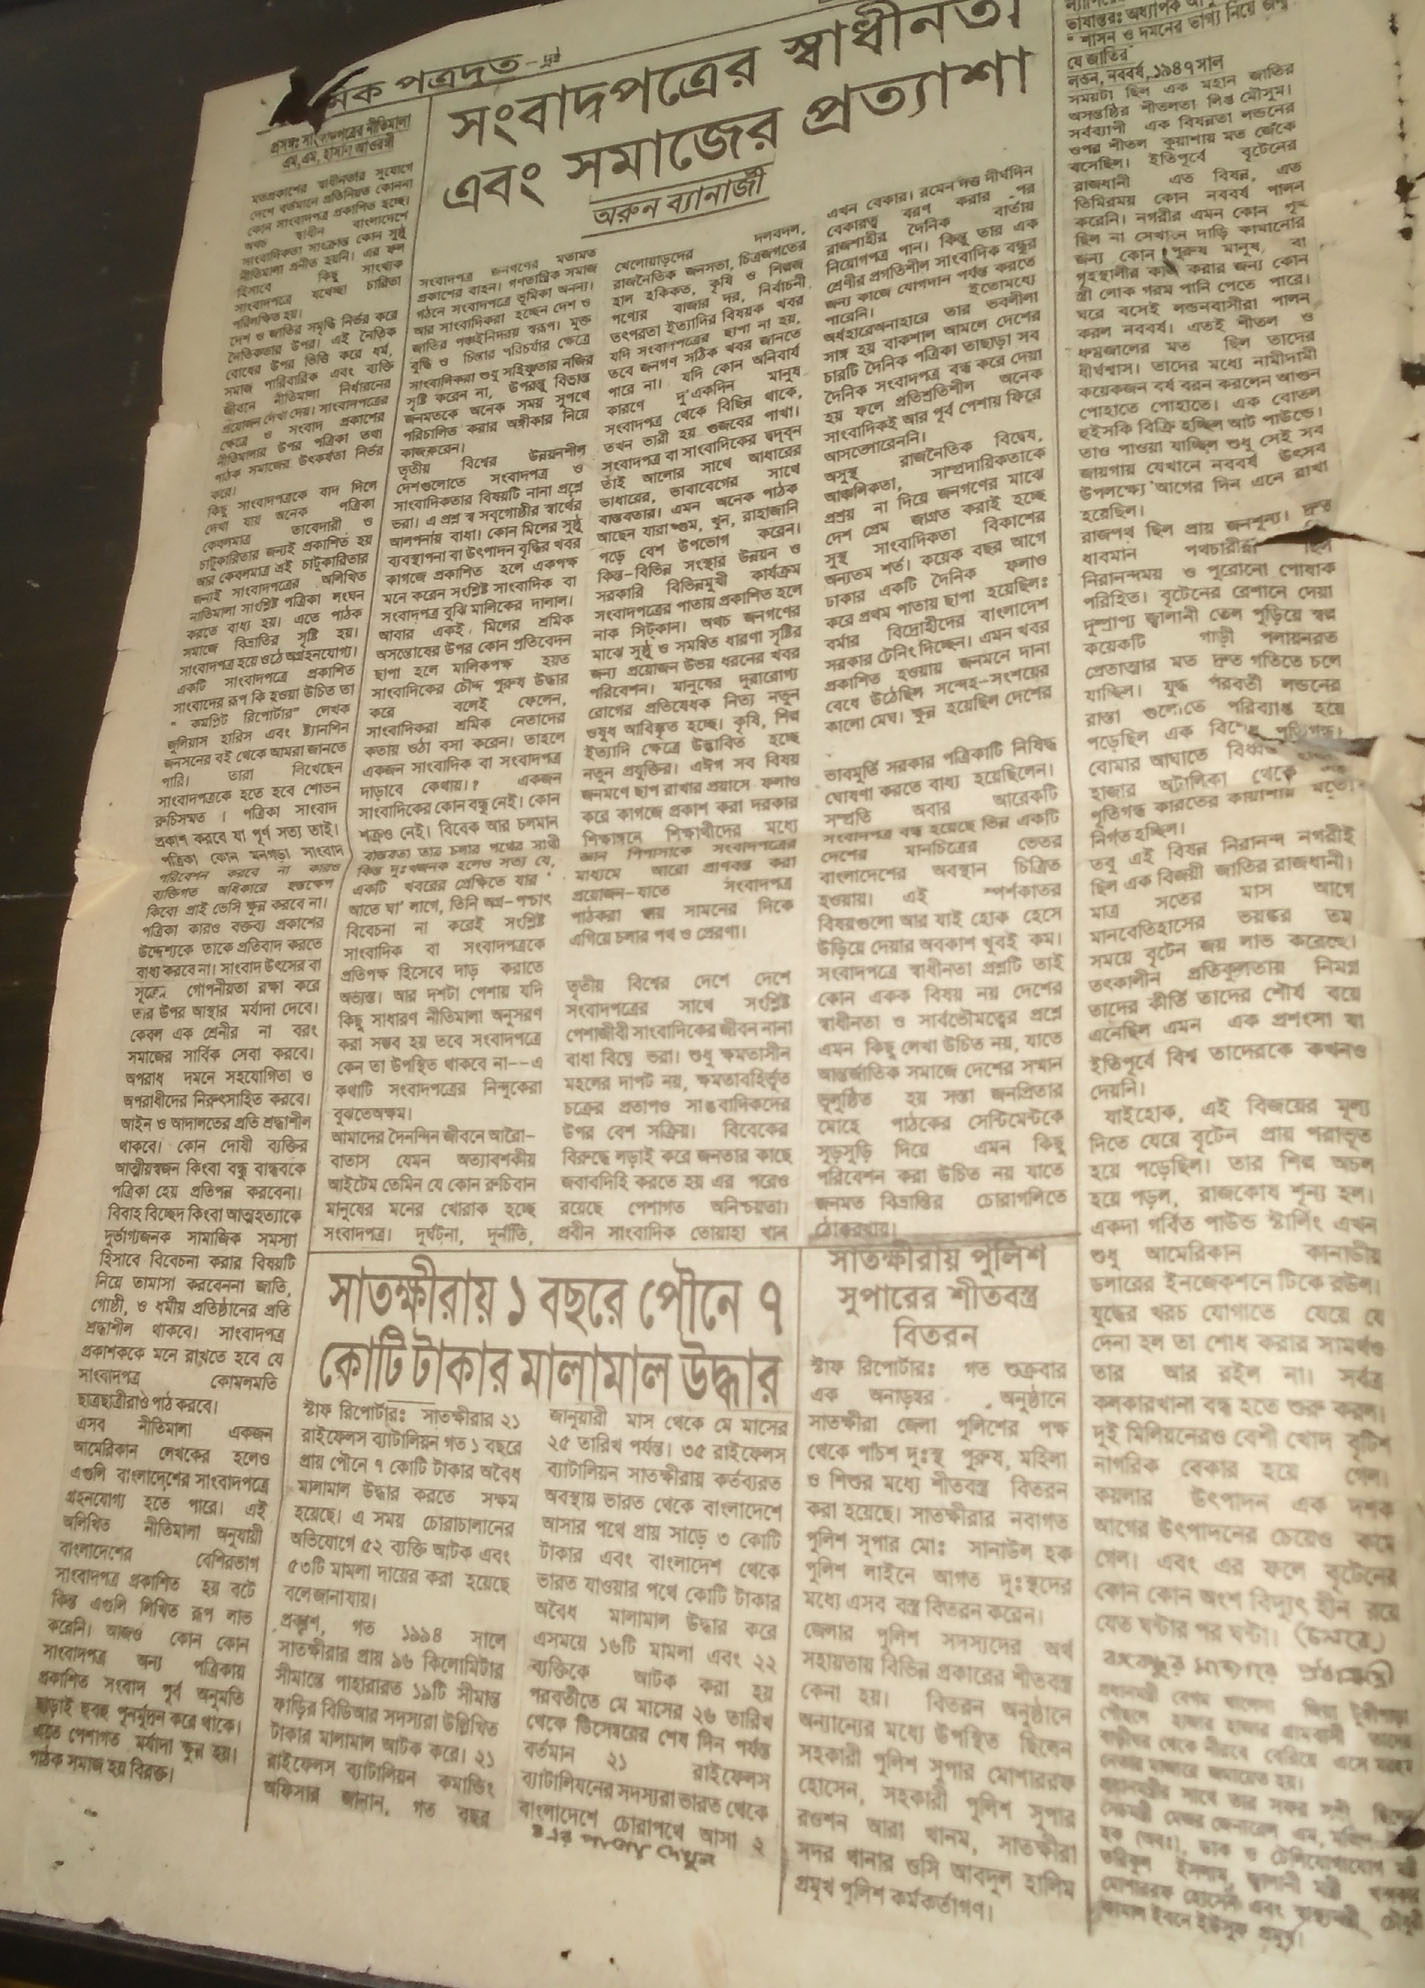 পত্রদূতের প্রথম সংখ্যা ২৩ জানুয়ারি ১৯৯৫